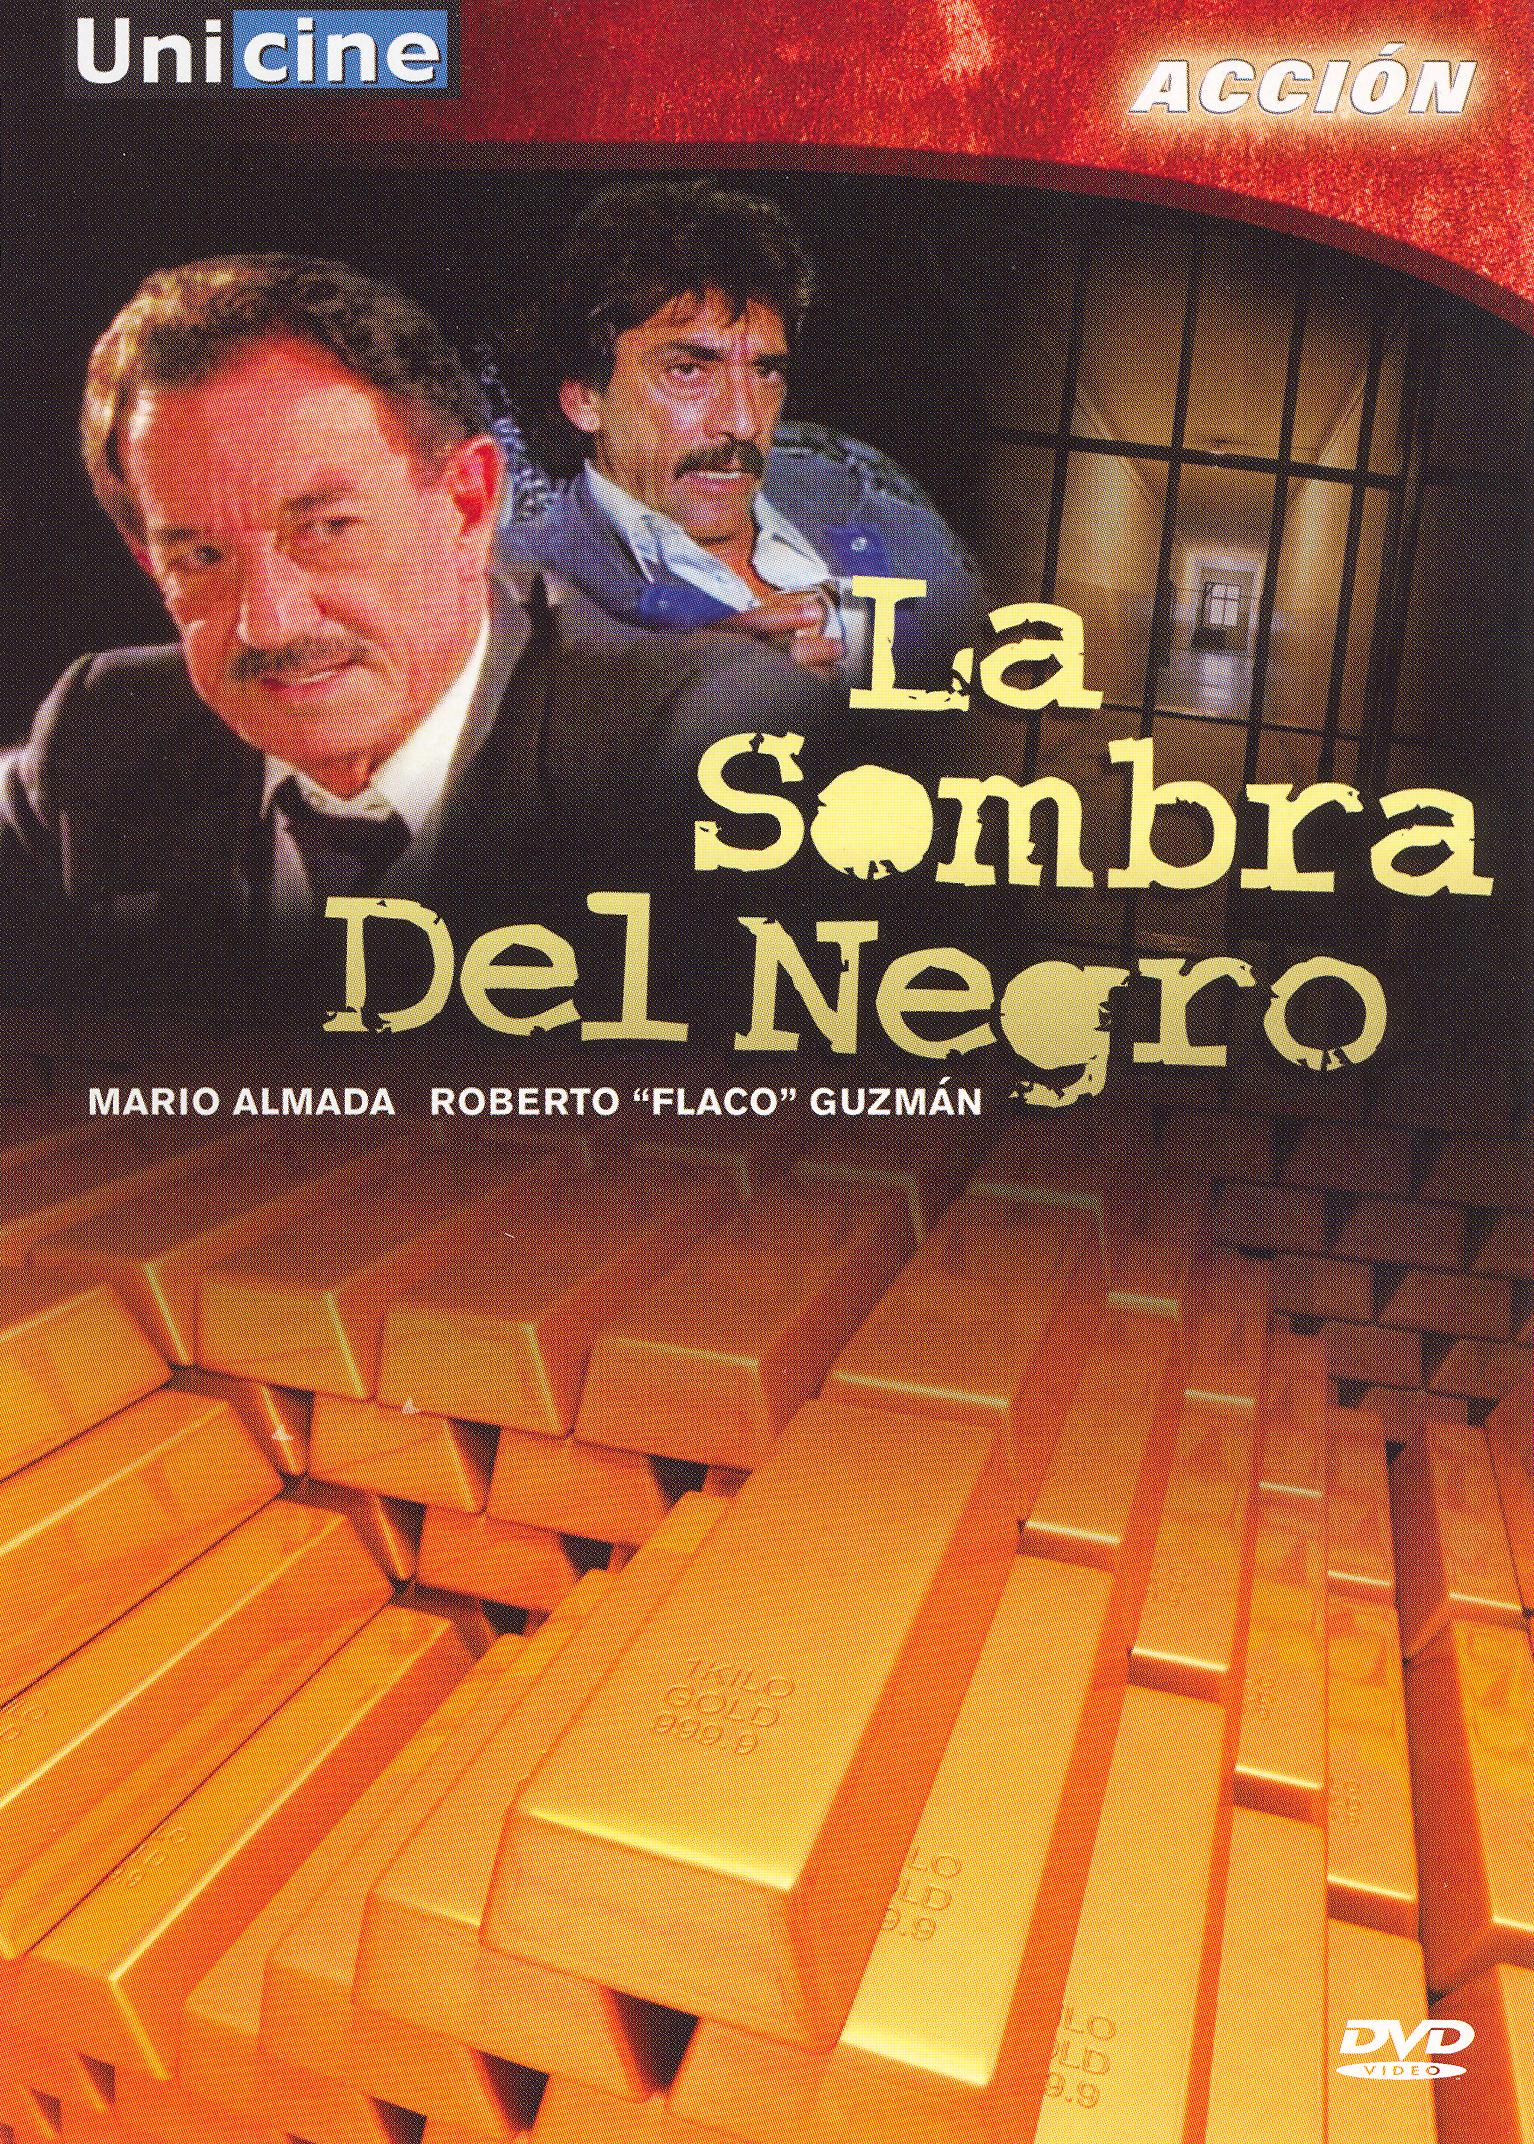 Sombra Del Negro